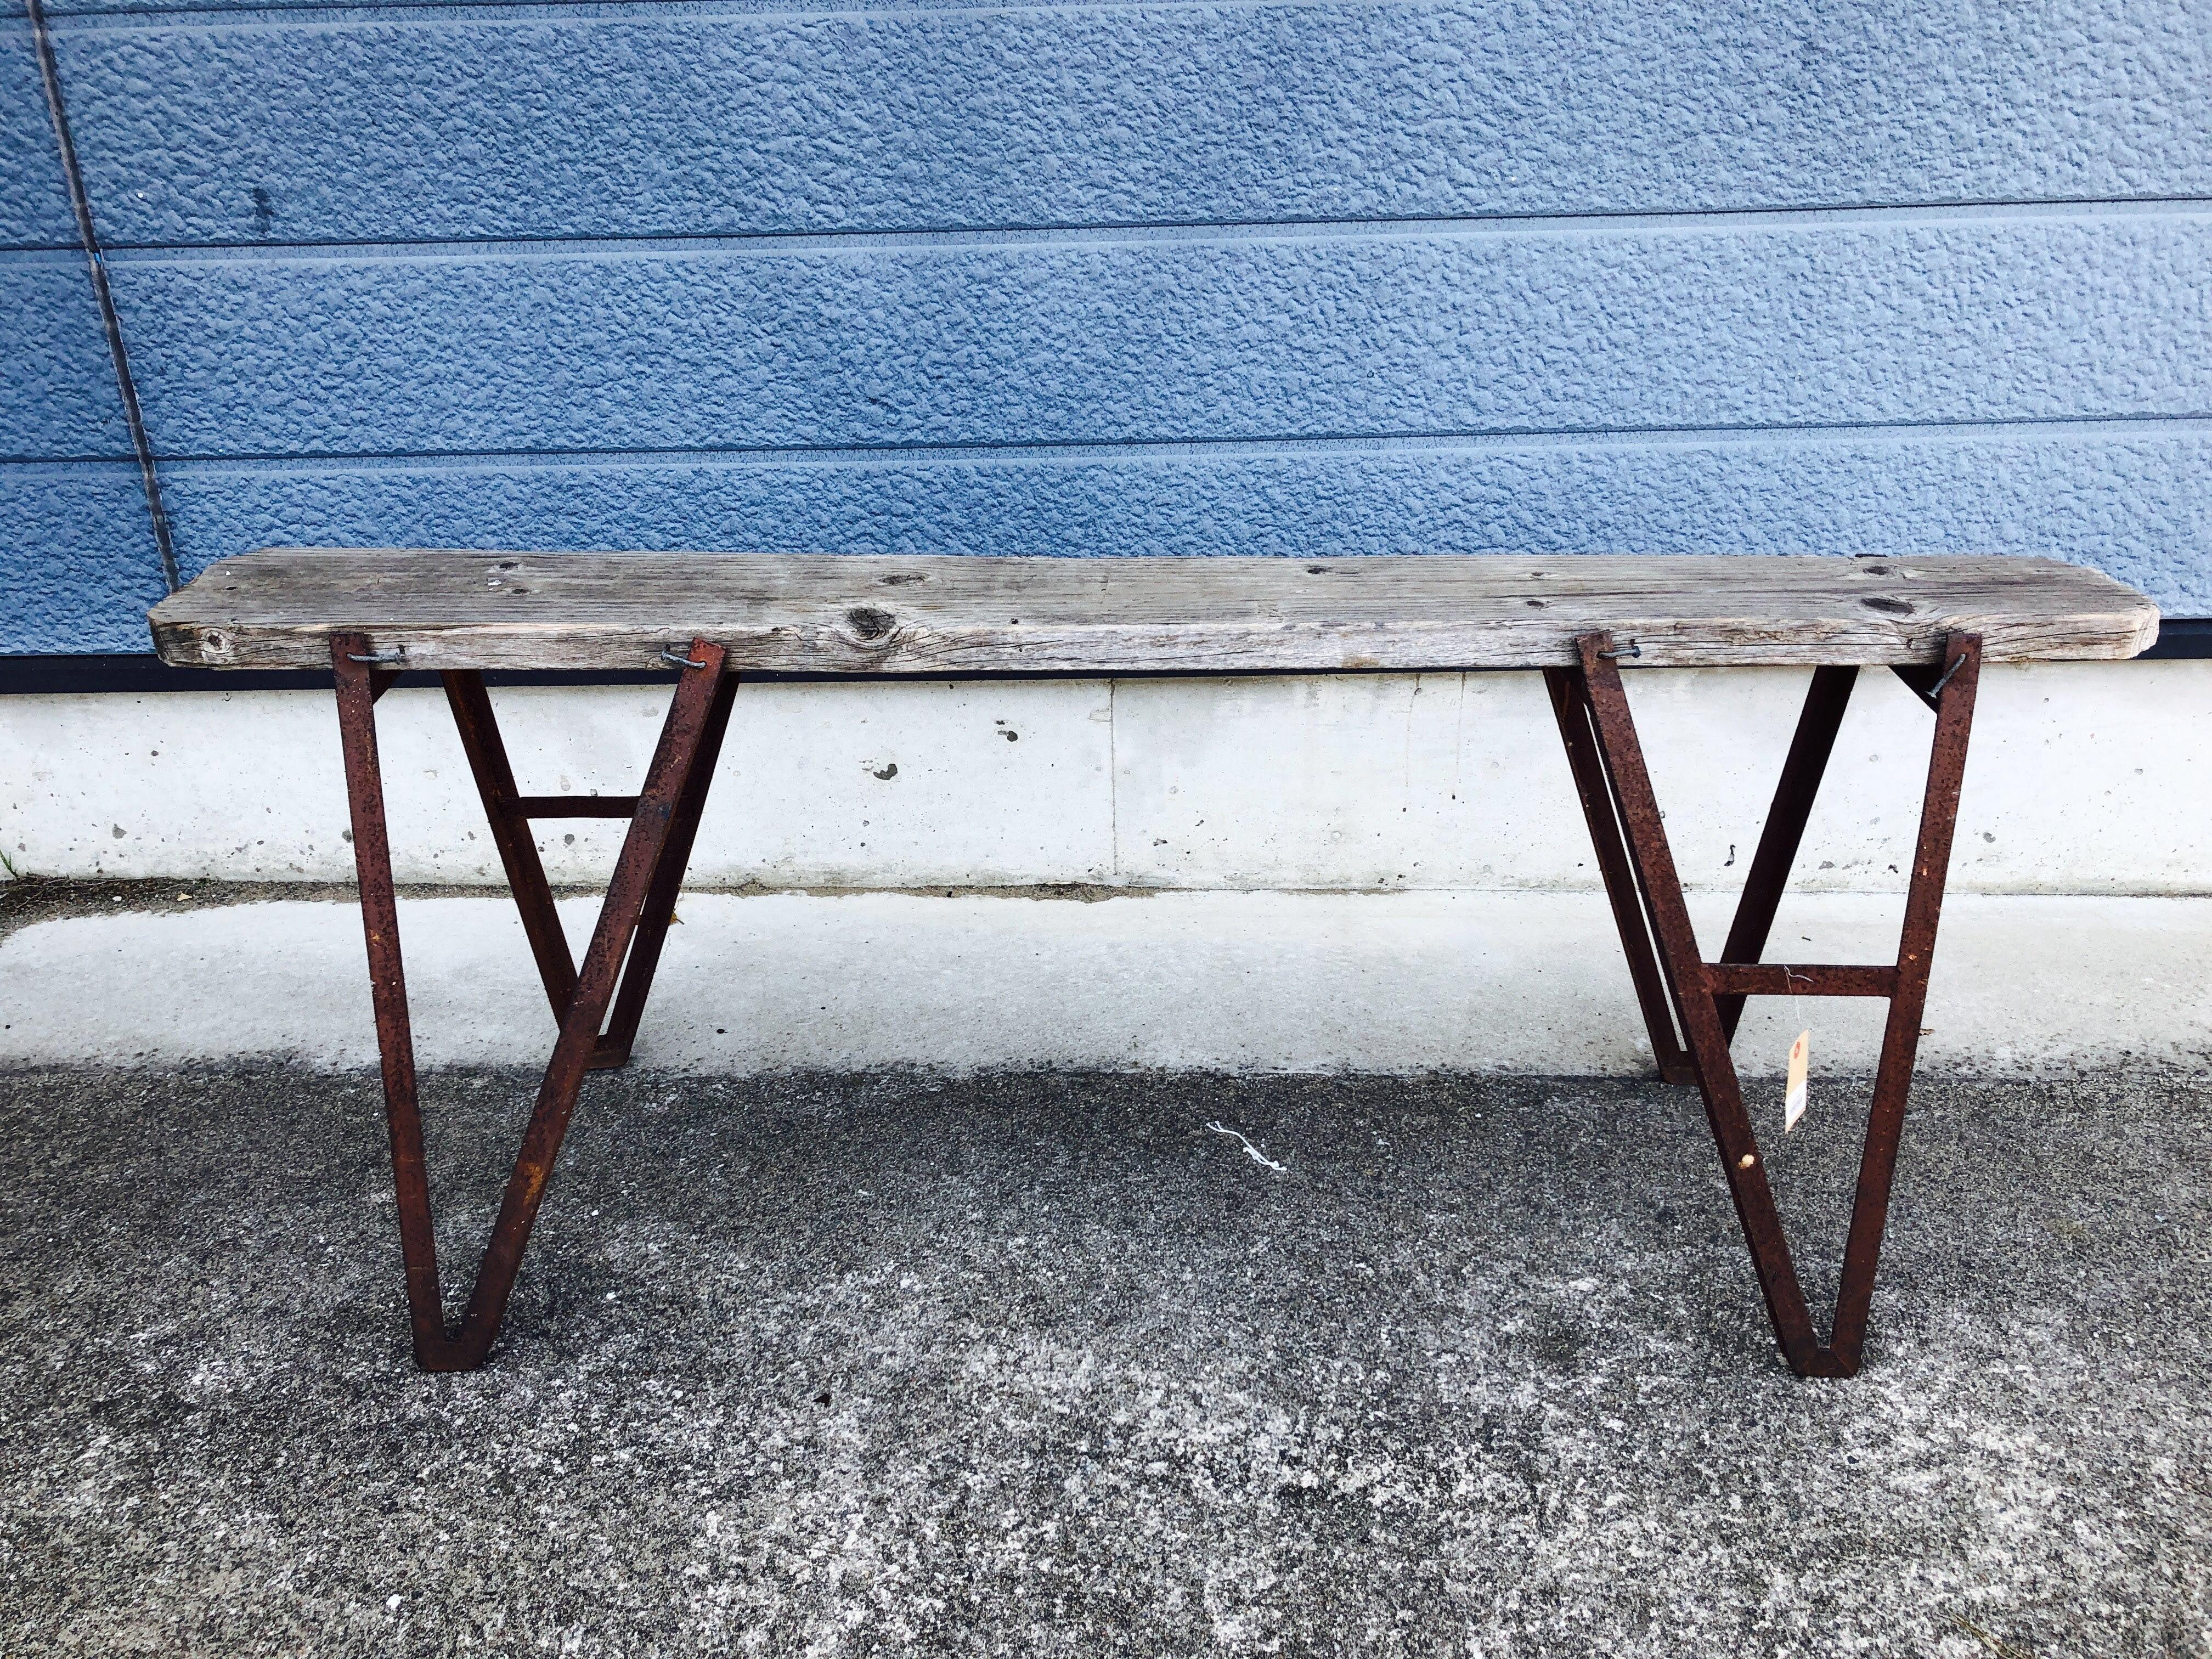 品番2574 ウッドテーブル 古木 オールドウッドテーブル  アイアン脚 インテリア アンティーク